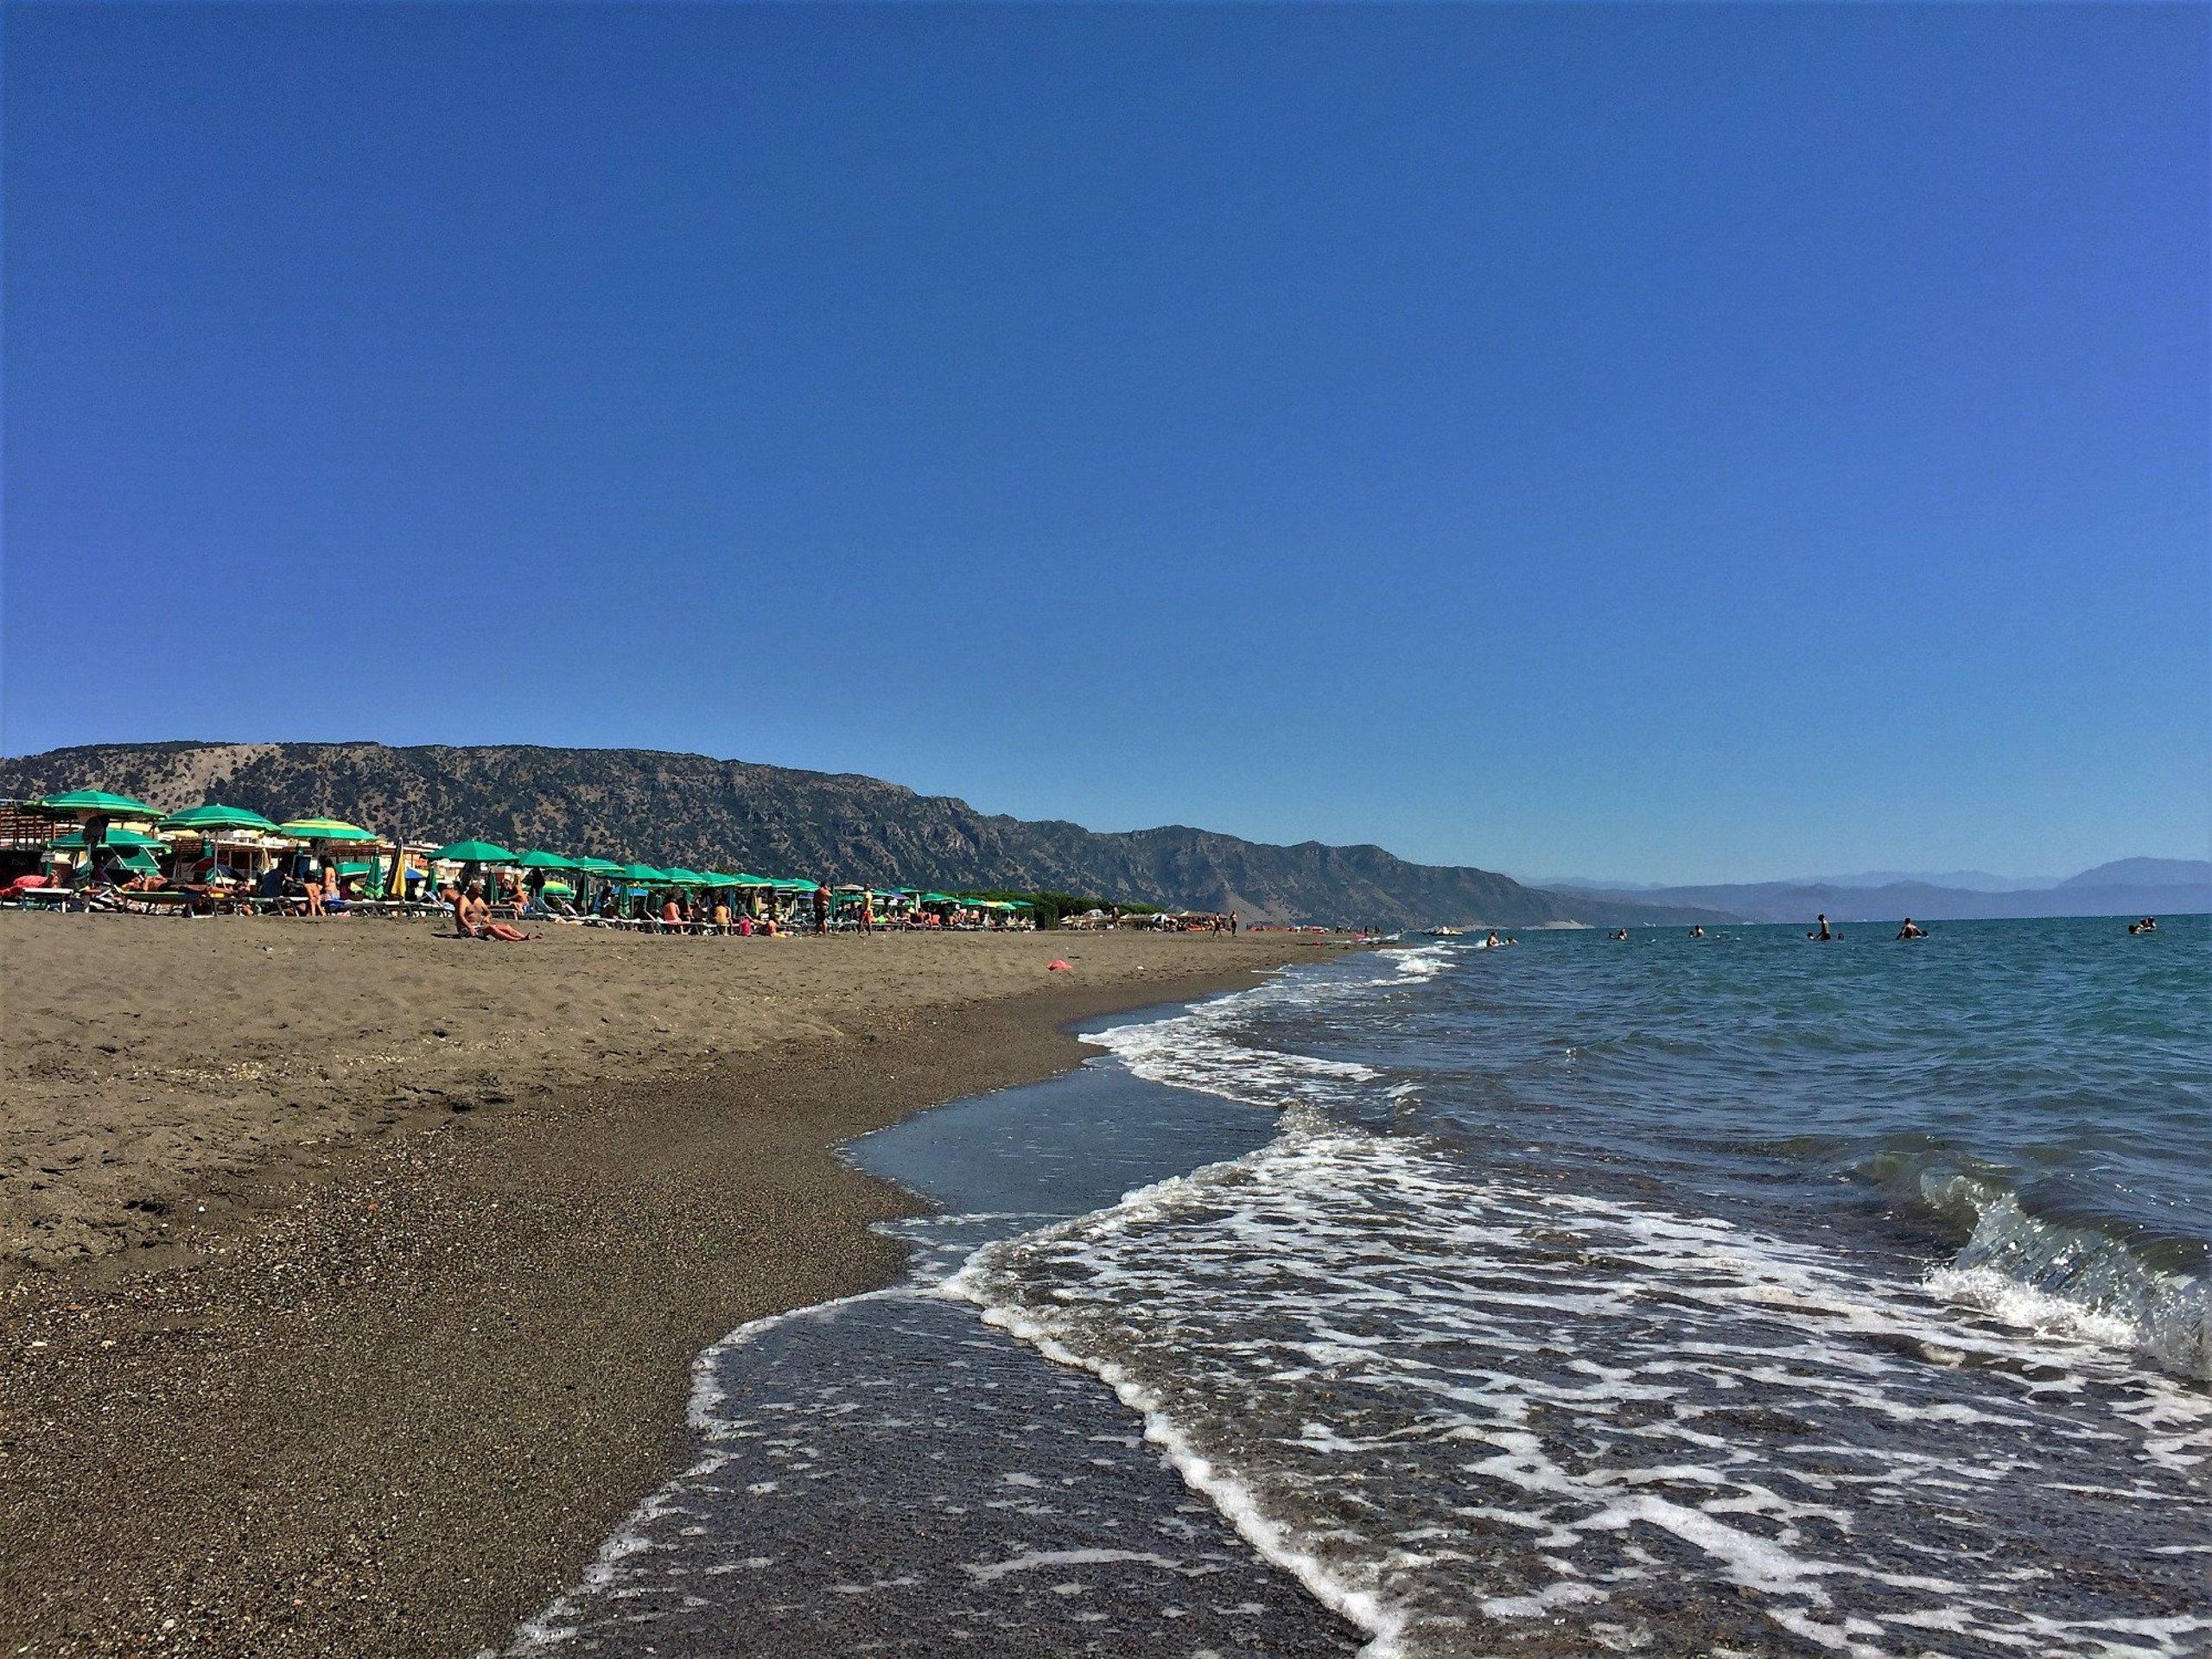 Velipoje 2020: Best of Velipoje, Albania Tourism - Tripadvisor